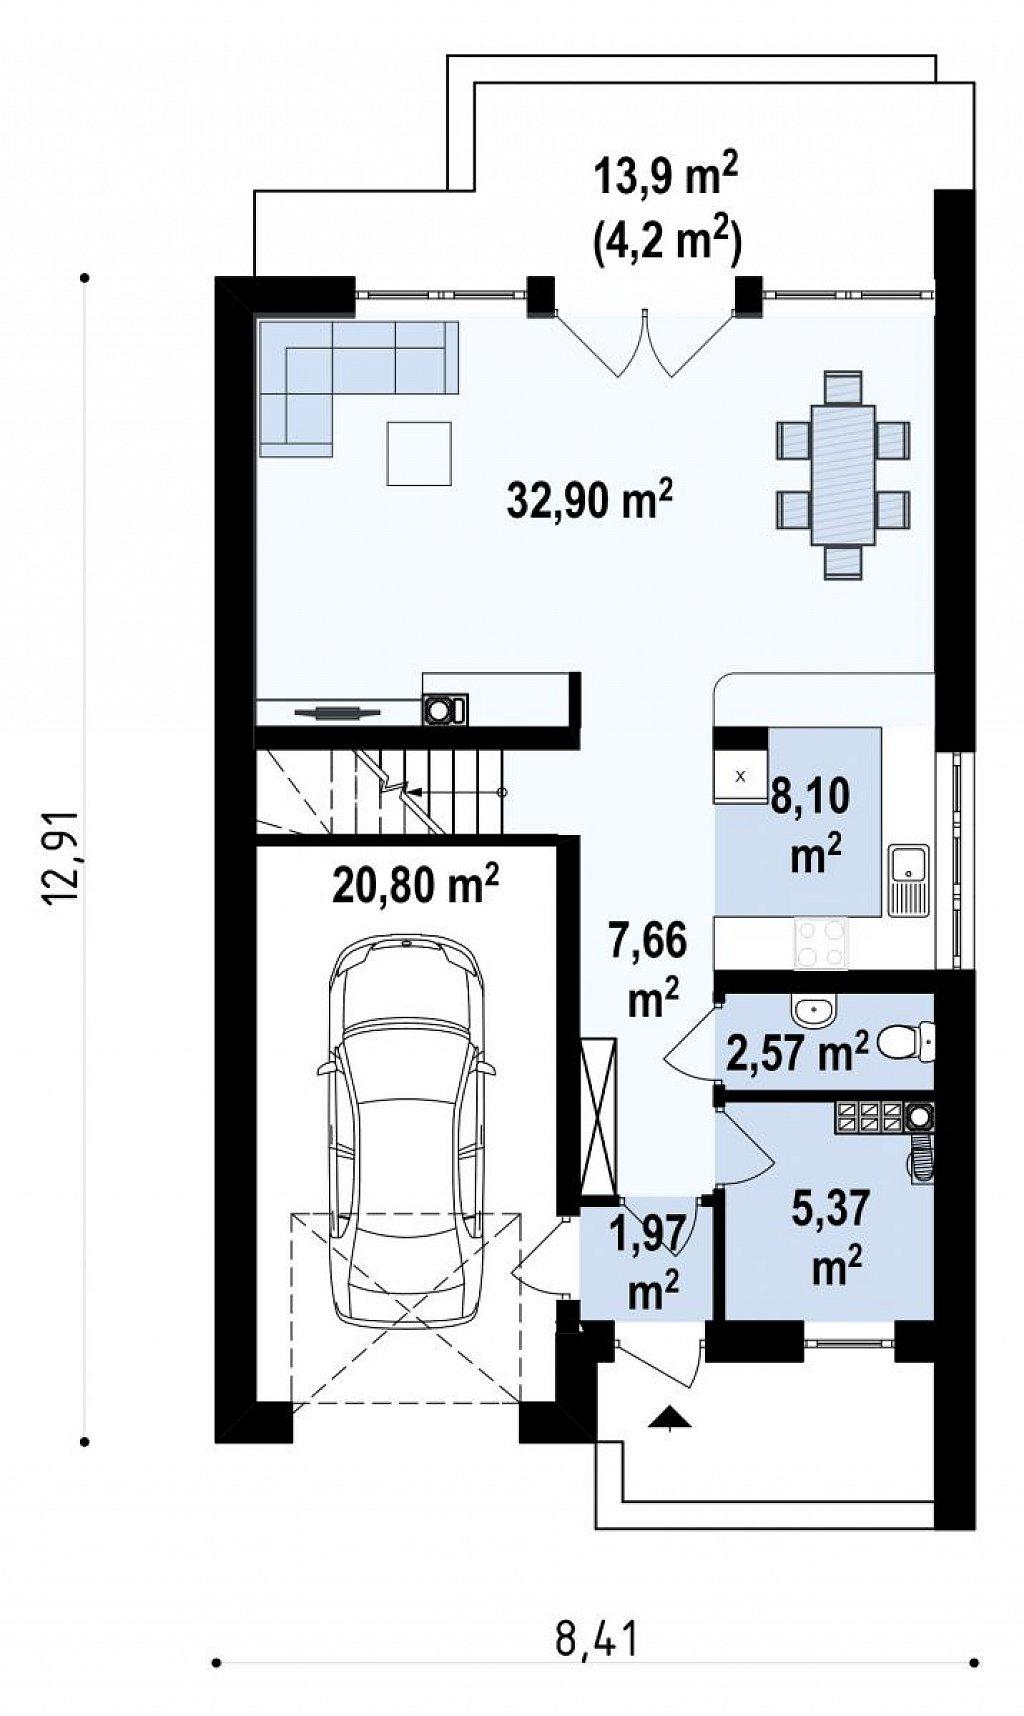 Дом в традиционном стиле с мансардой, со встроенным гаражом, подходящий для узкого участка. план помещений 1